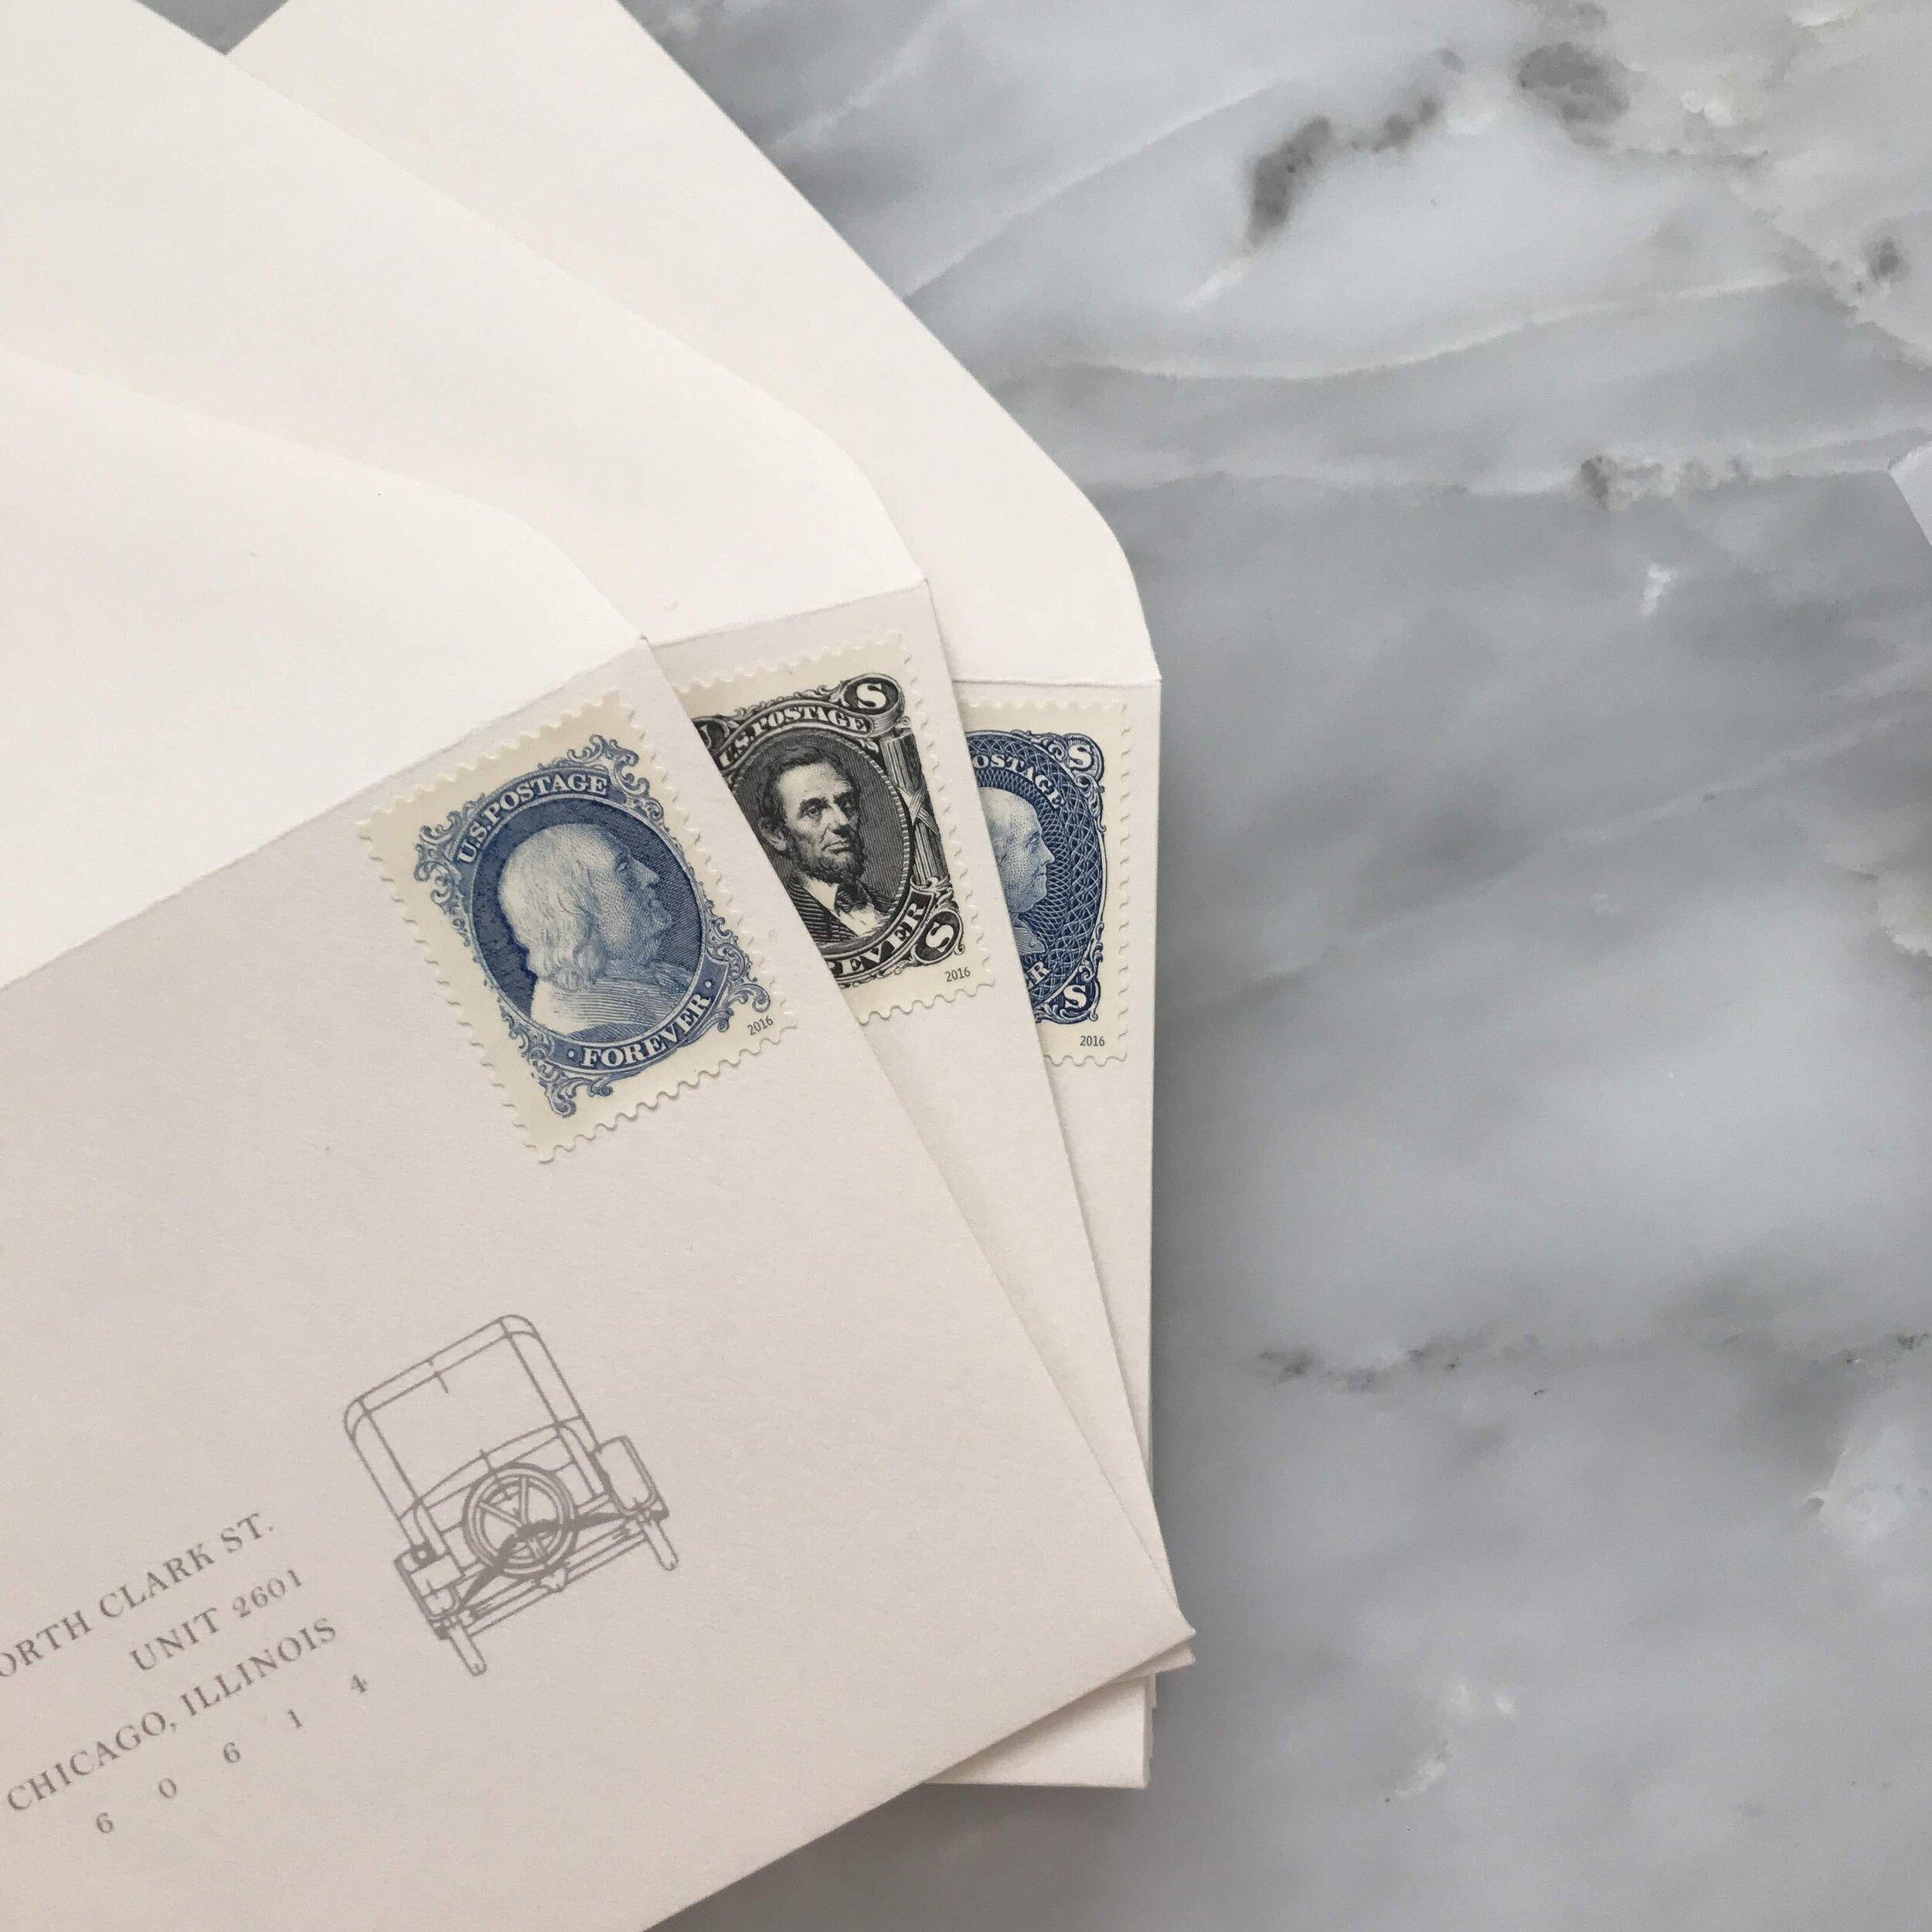 RSVP Envelopes with Vintage Stamps